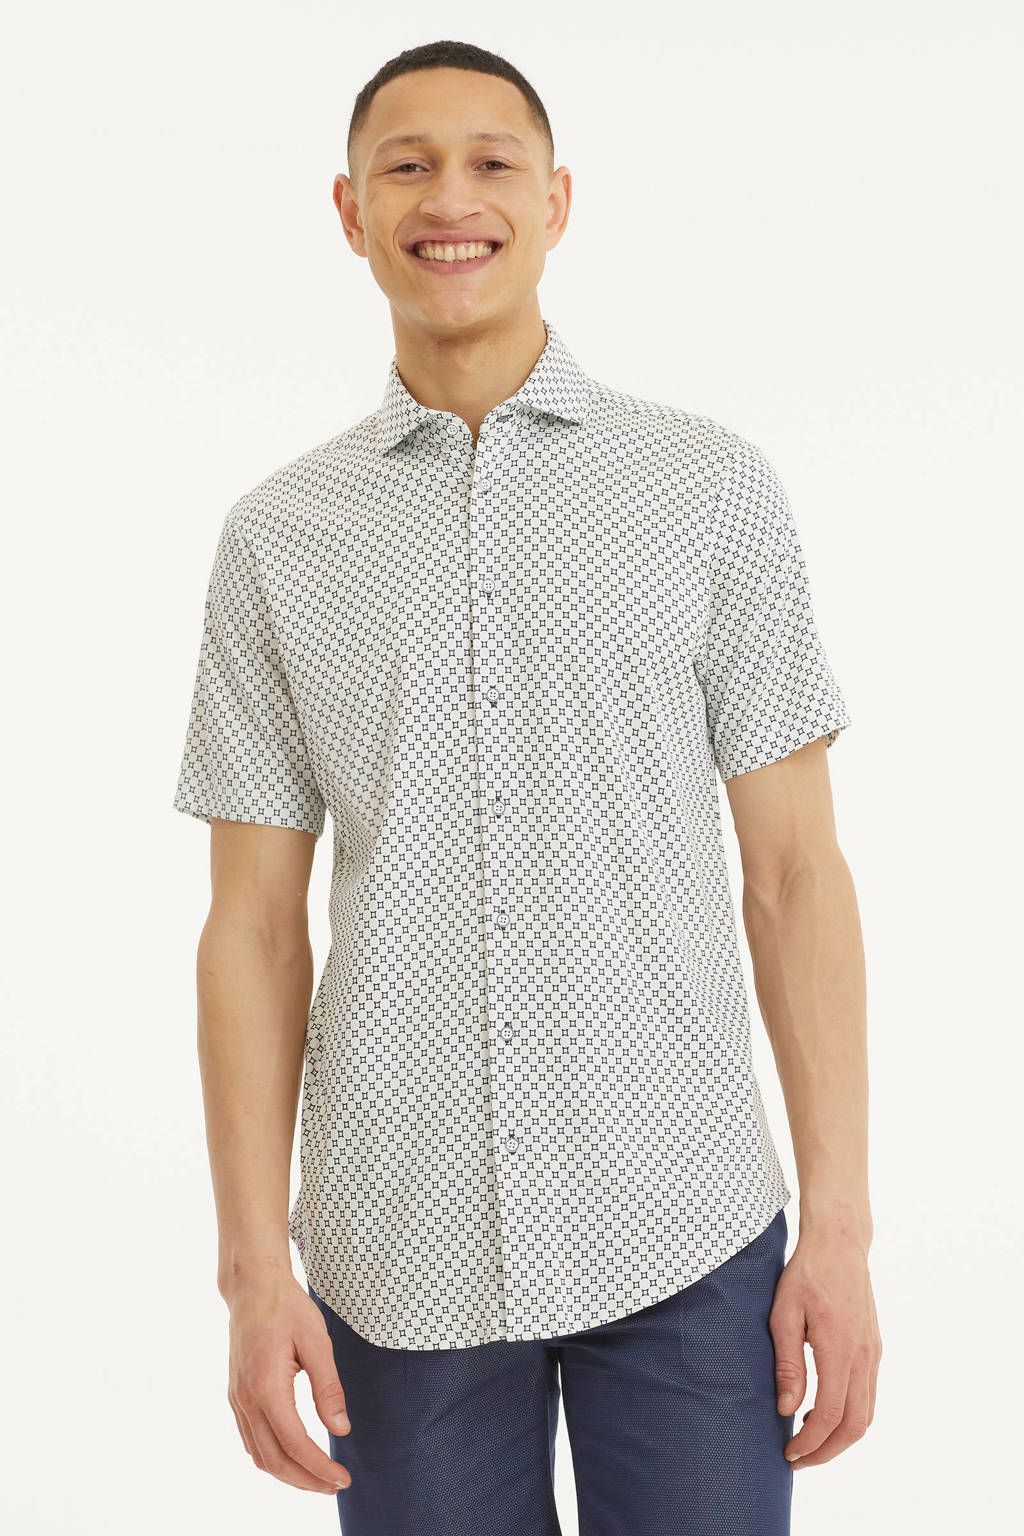 Blue Industry slim fit overhemd met all over print wit/zwart, Wit/zwart